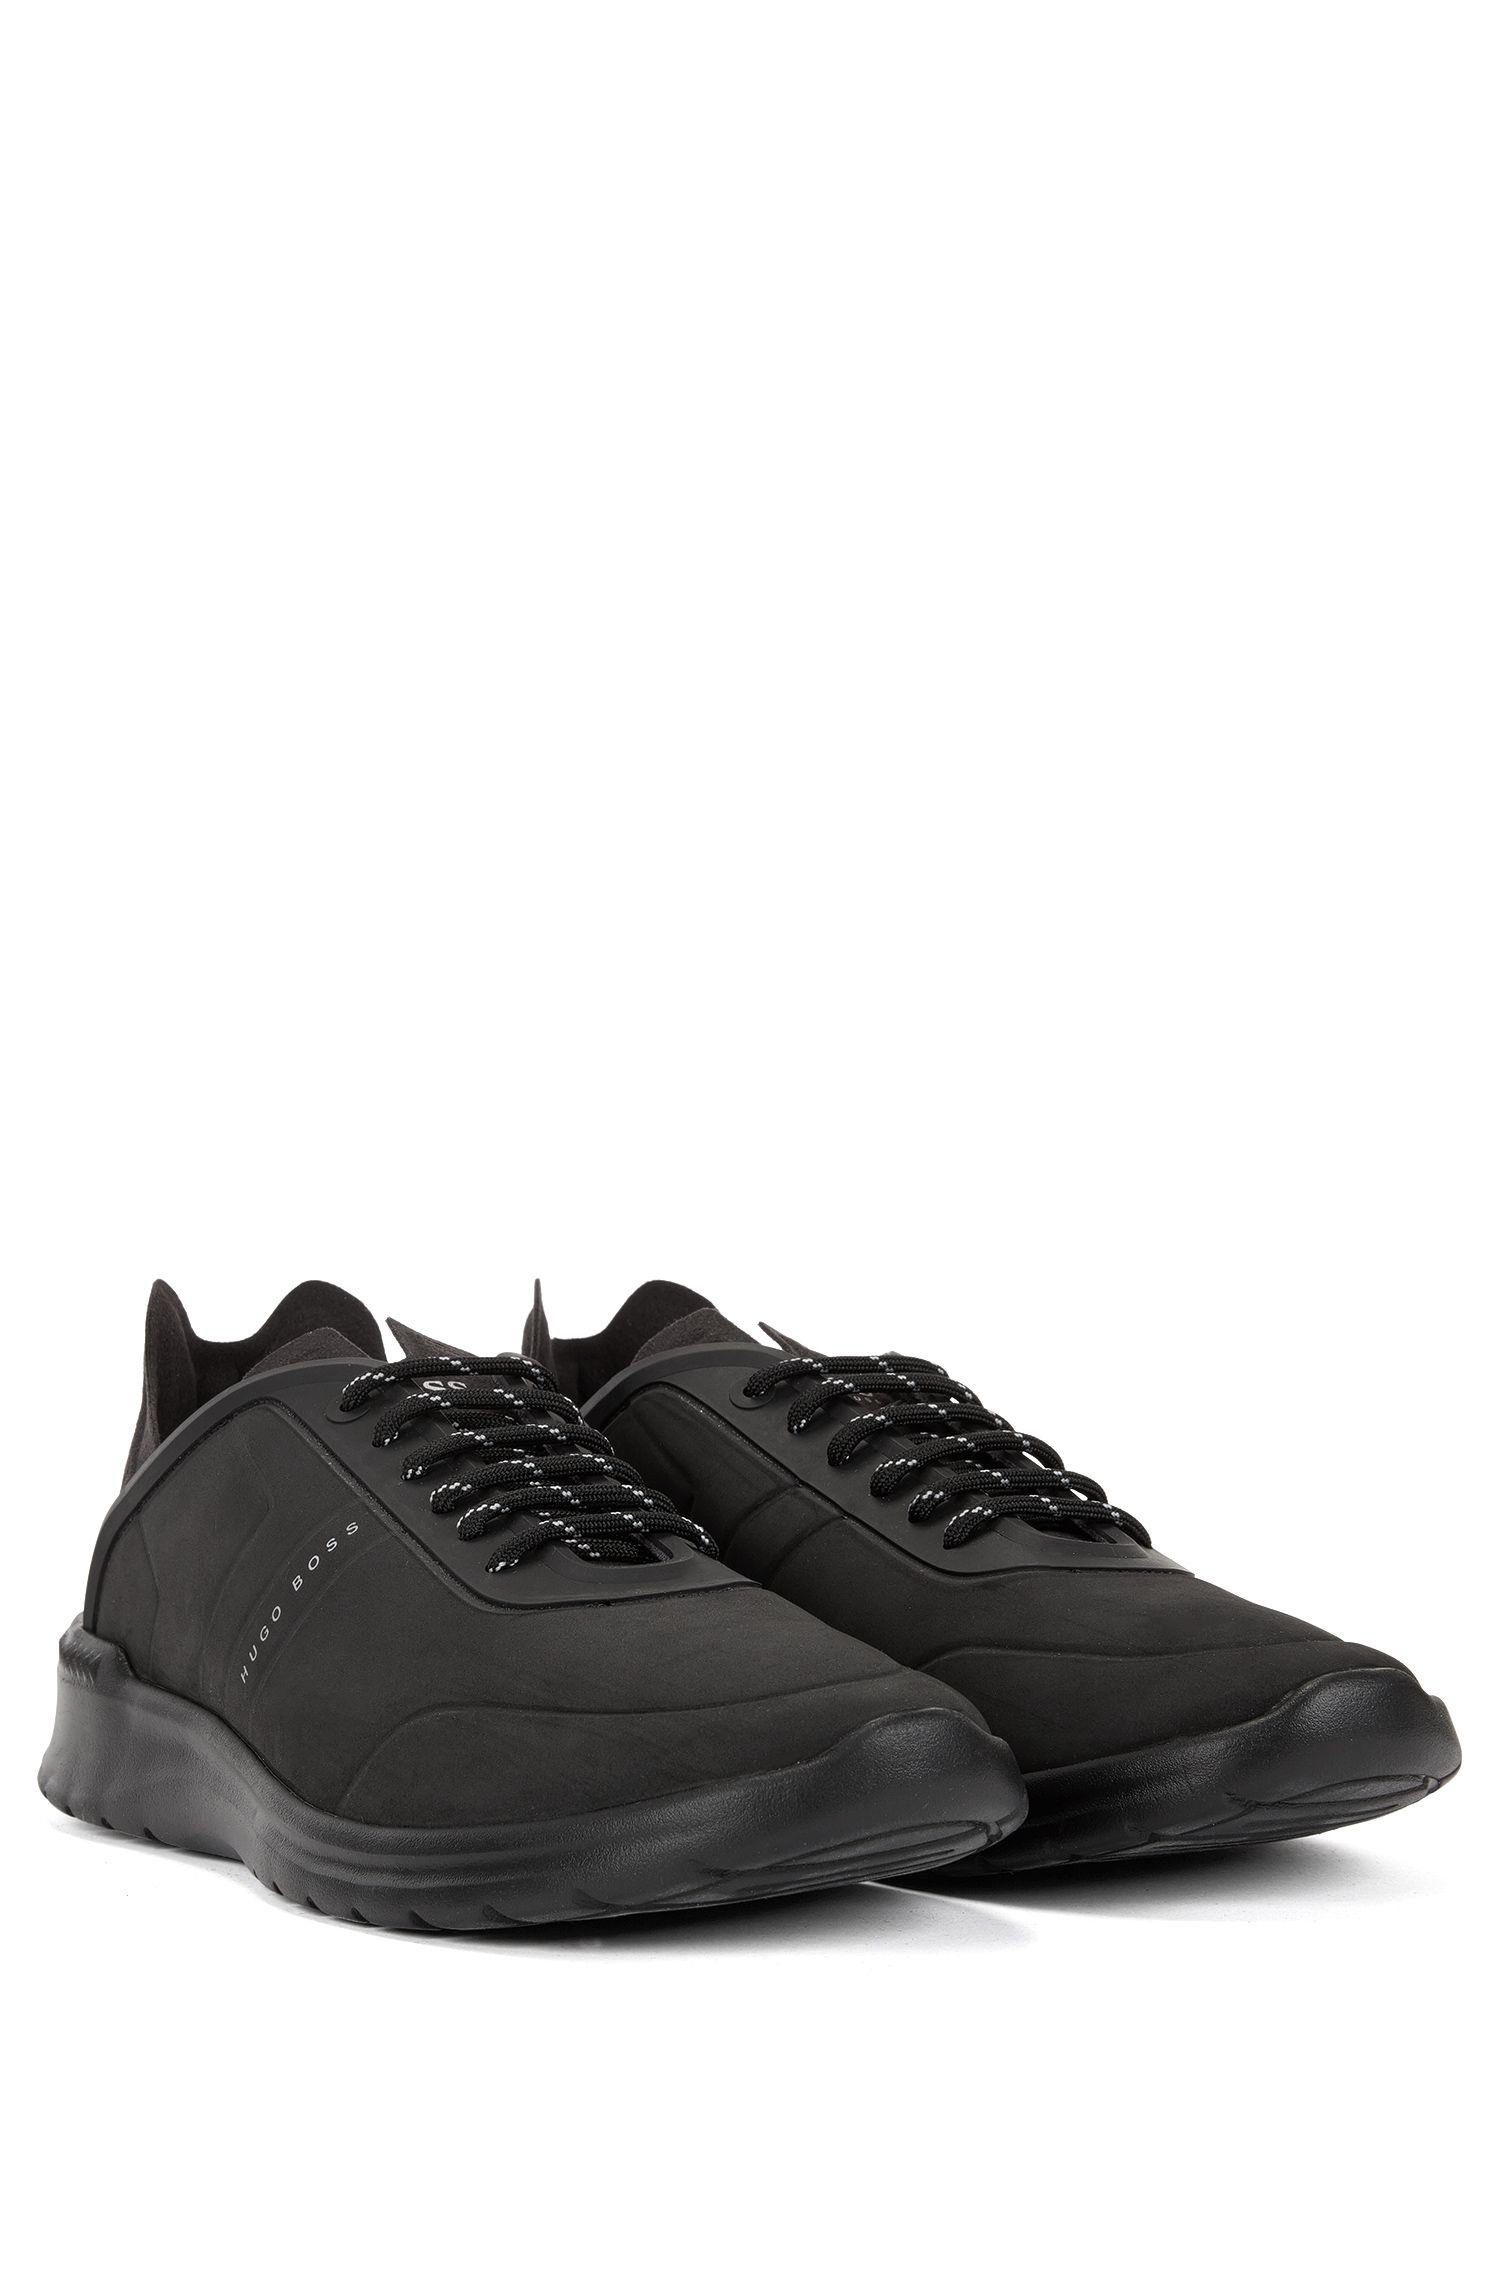 Nylon Sneaker | Extreme Runn Sykn, Black